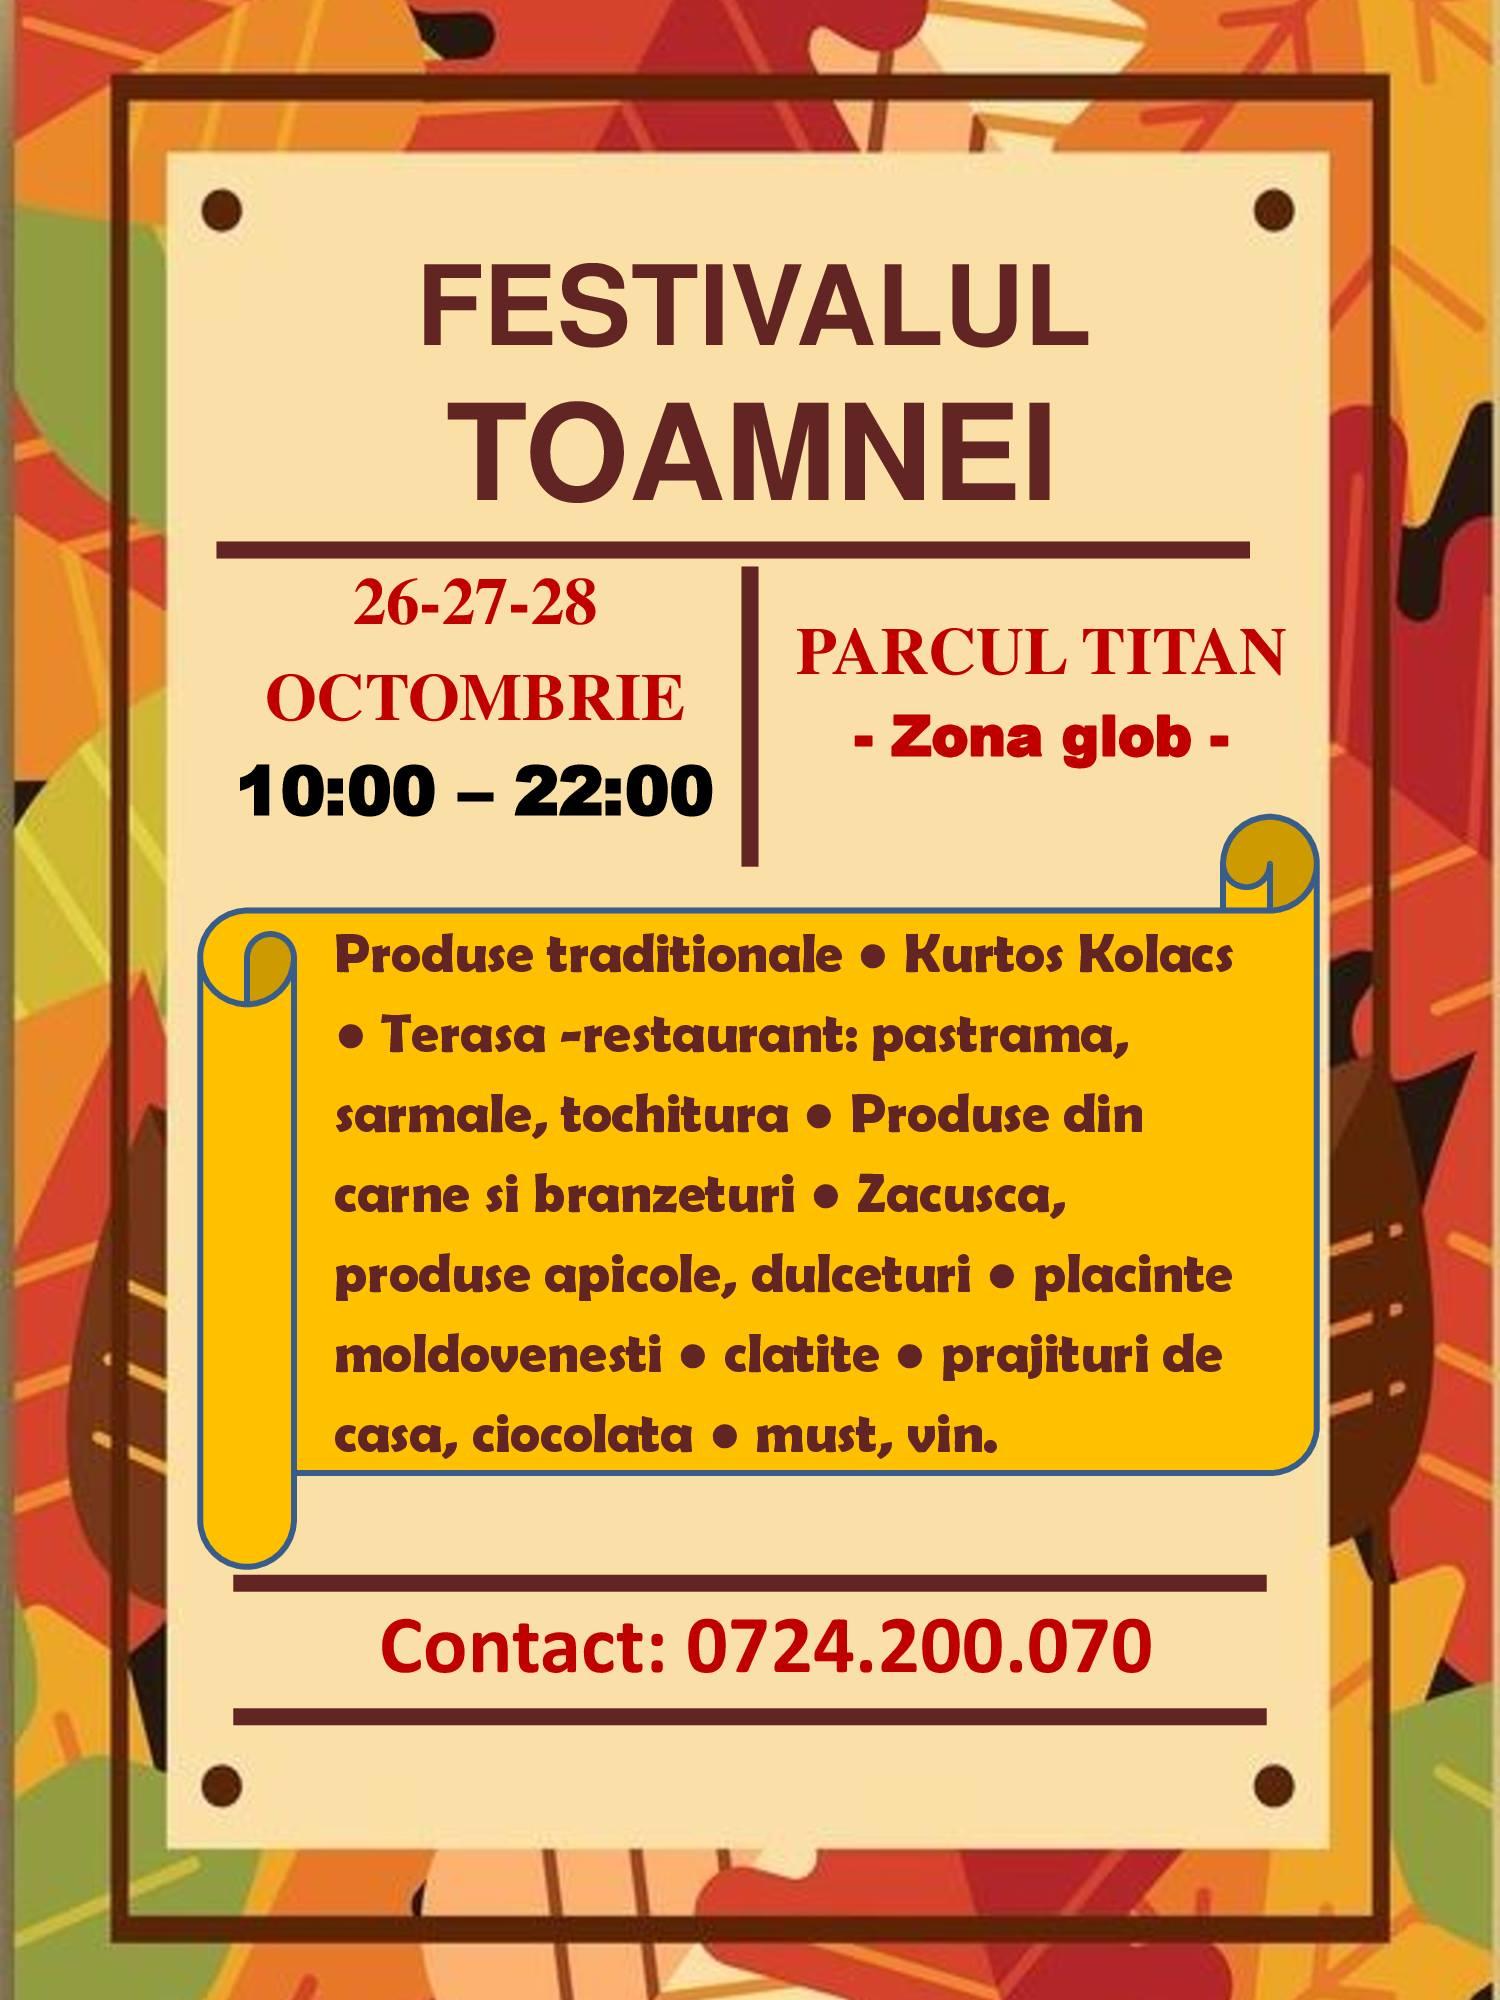 Festivalul Toamnei